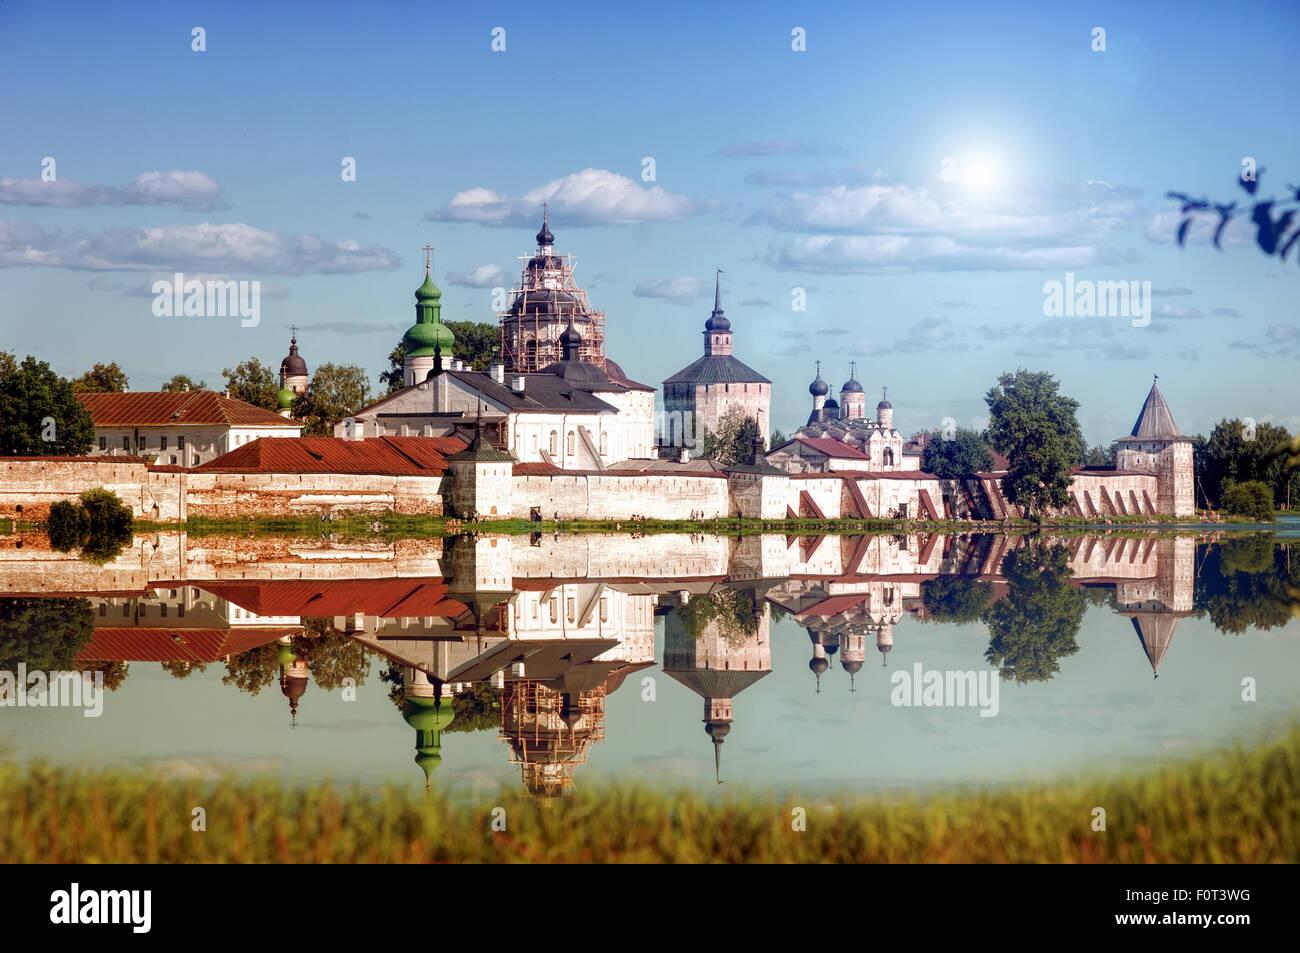 Mur au bord du lac et de la tour de monastère Kirillo-Belozersk Photo Stock